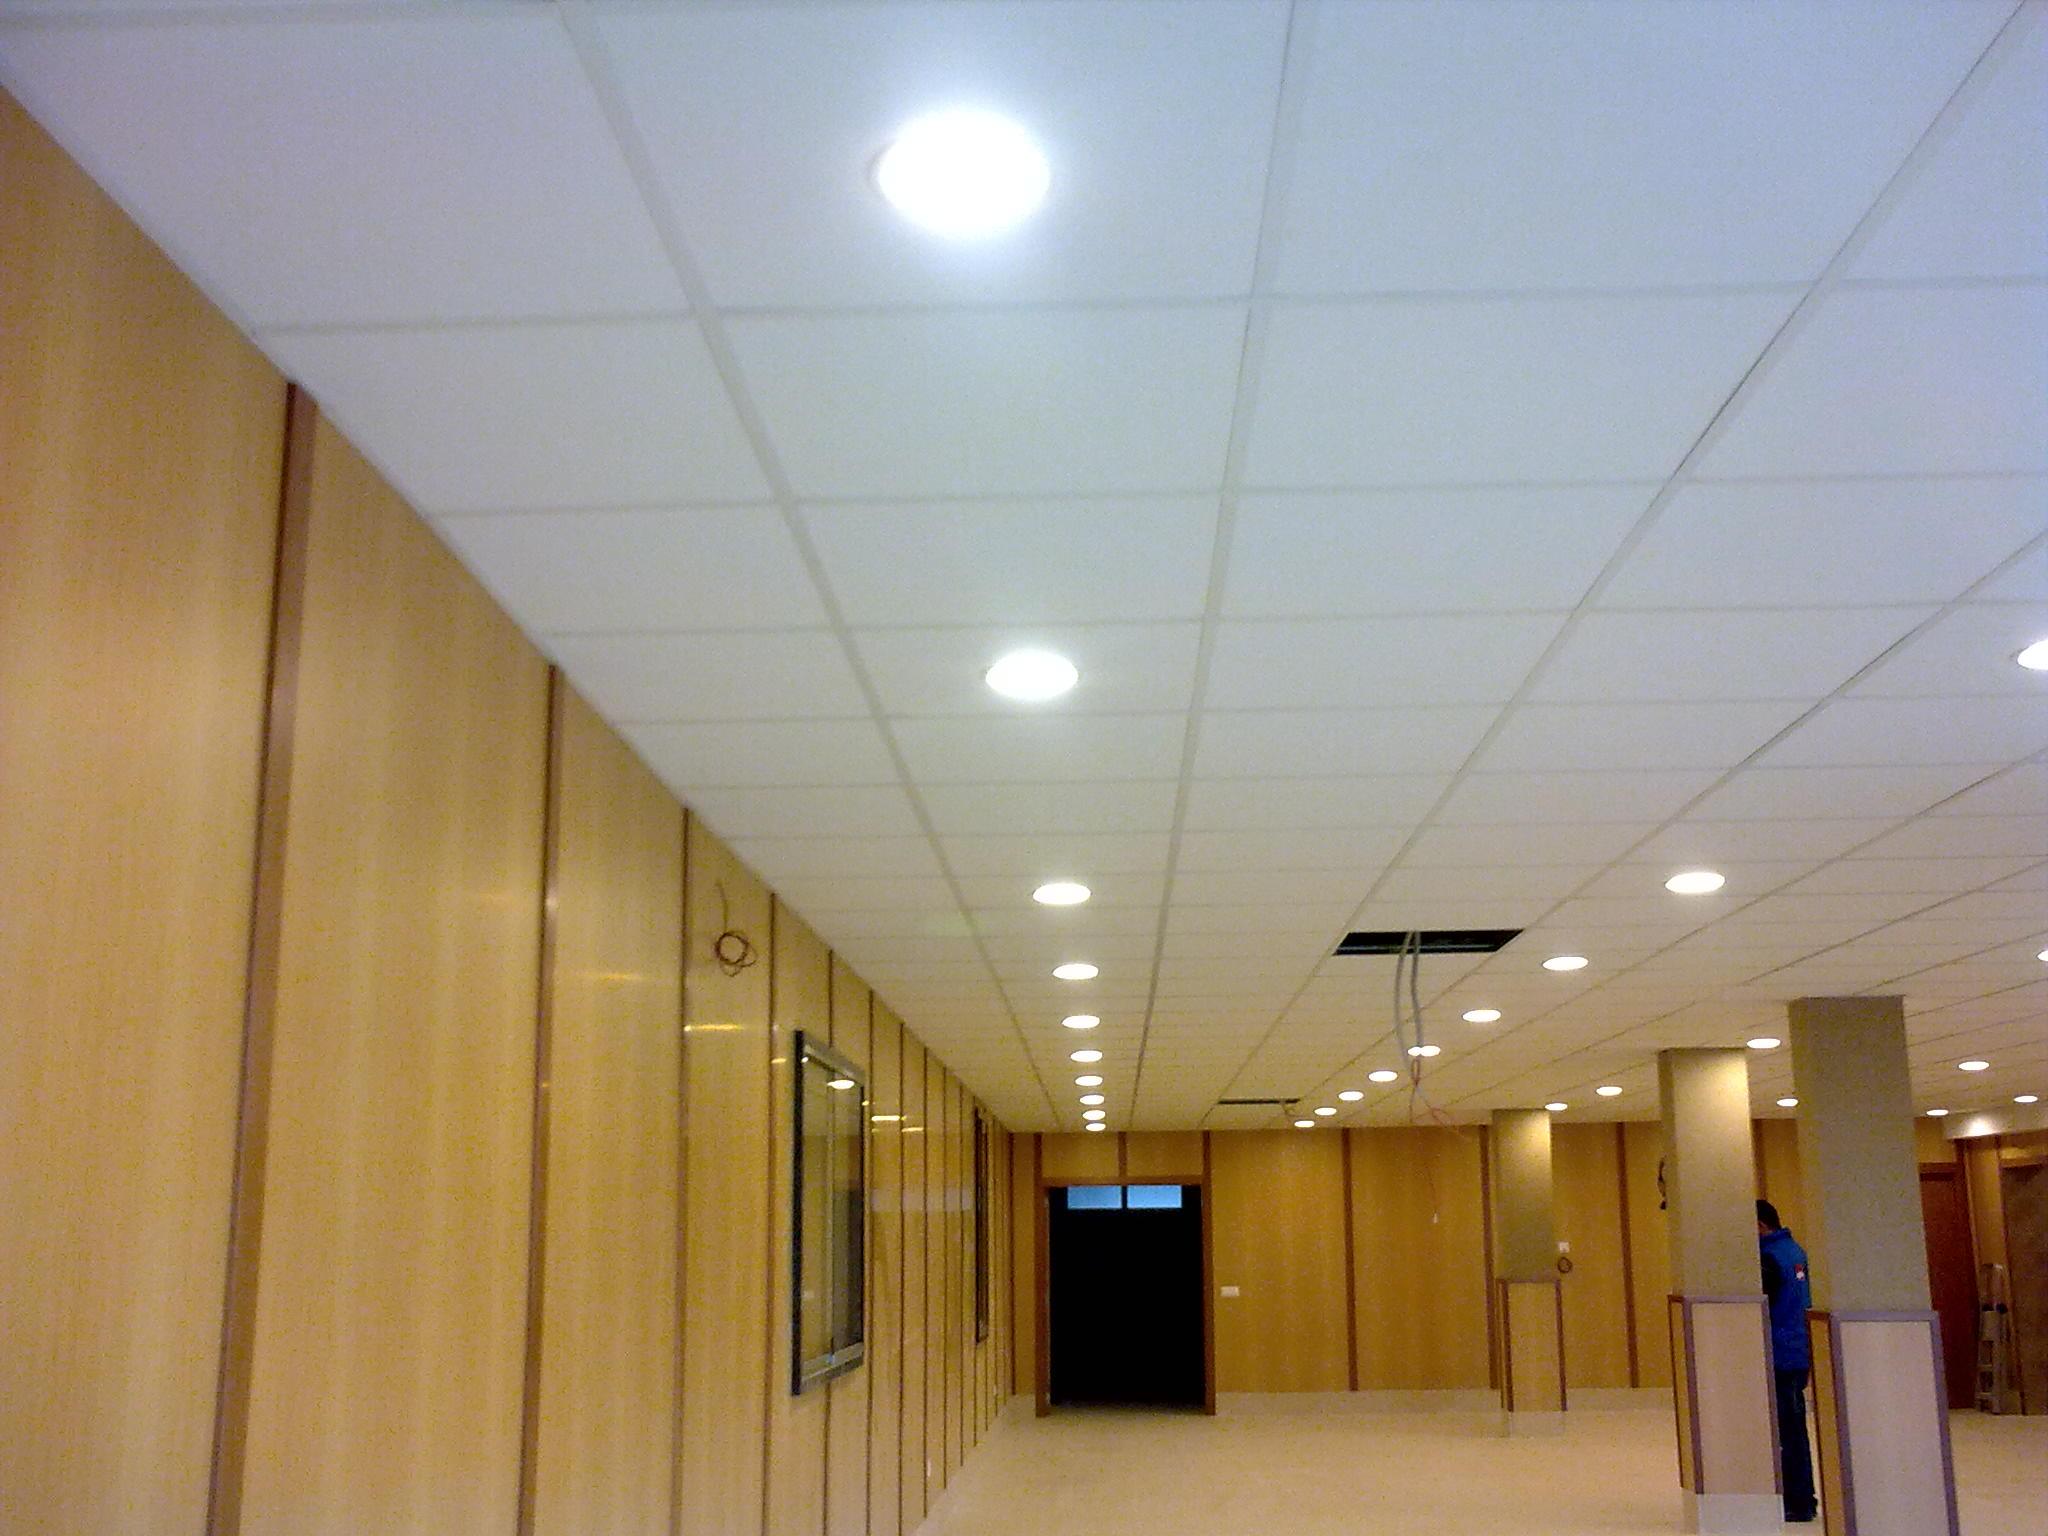 Dsc instalaciones de pladur manresa - Fotos de techos de pladur ...